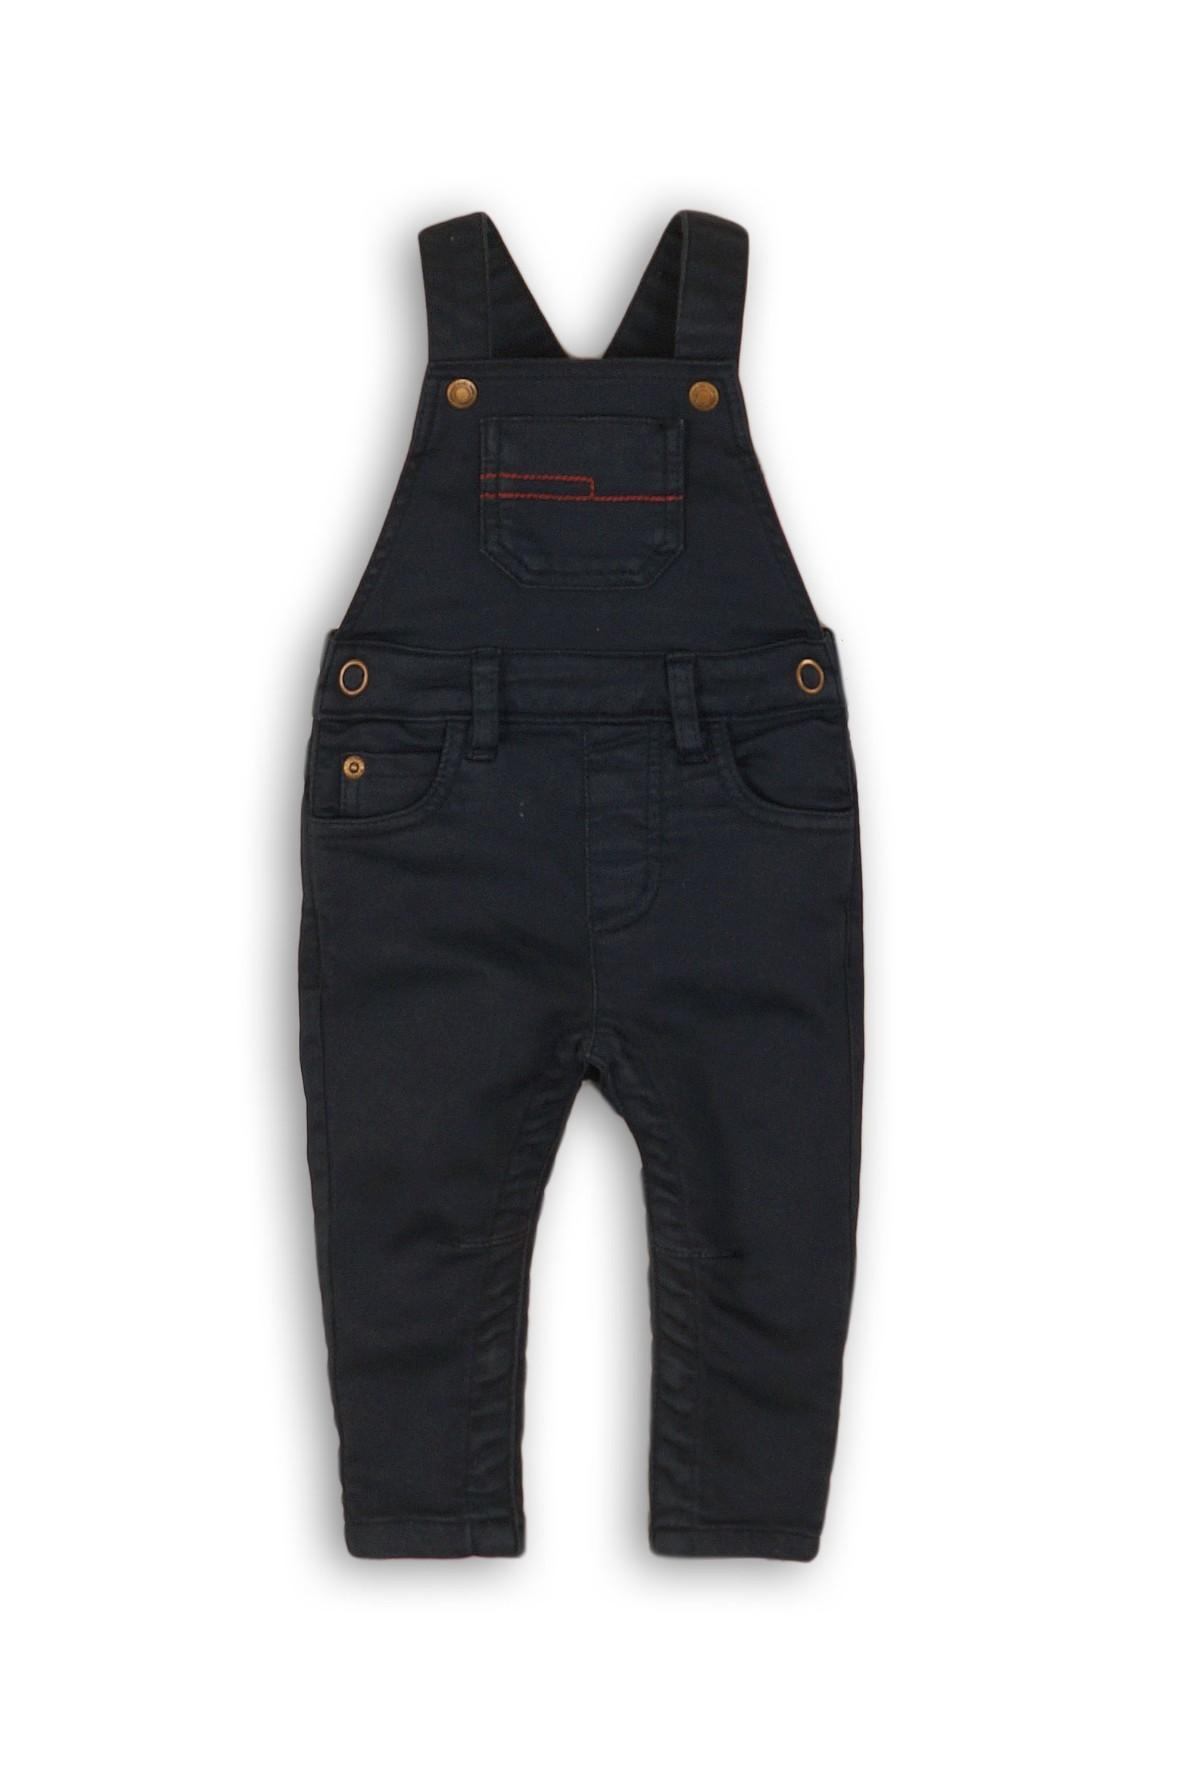 Spodnie chłopięce ogrodniczki- czarne